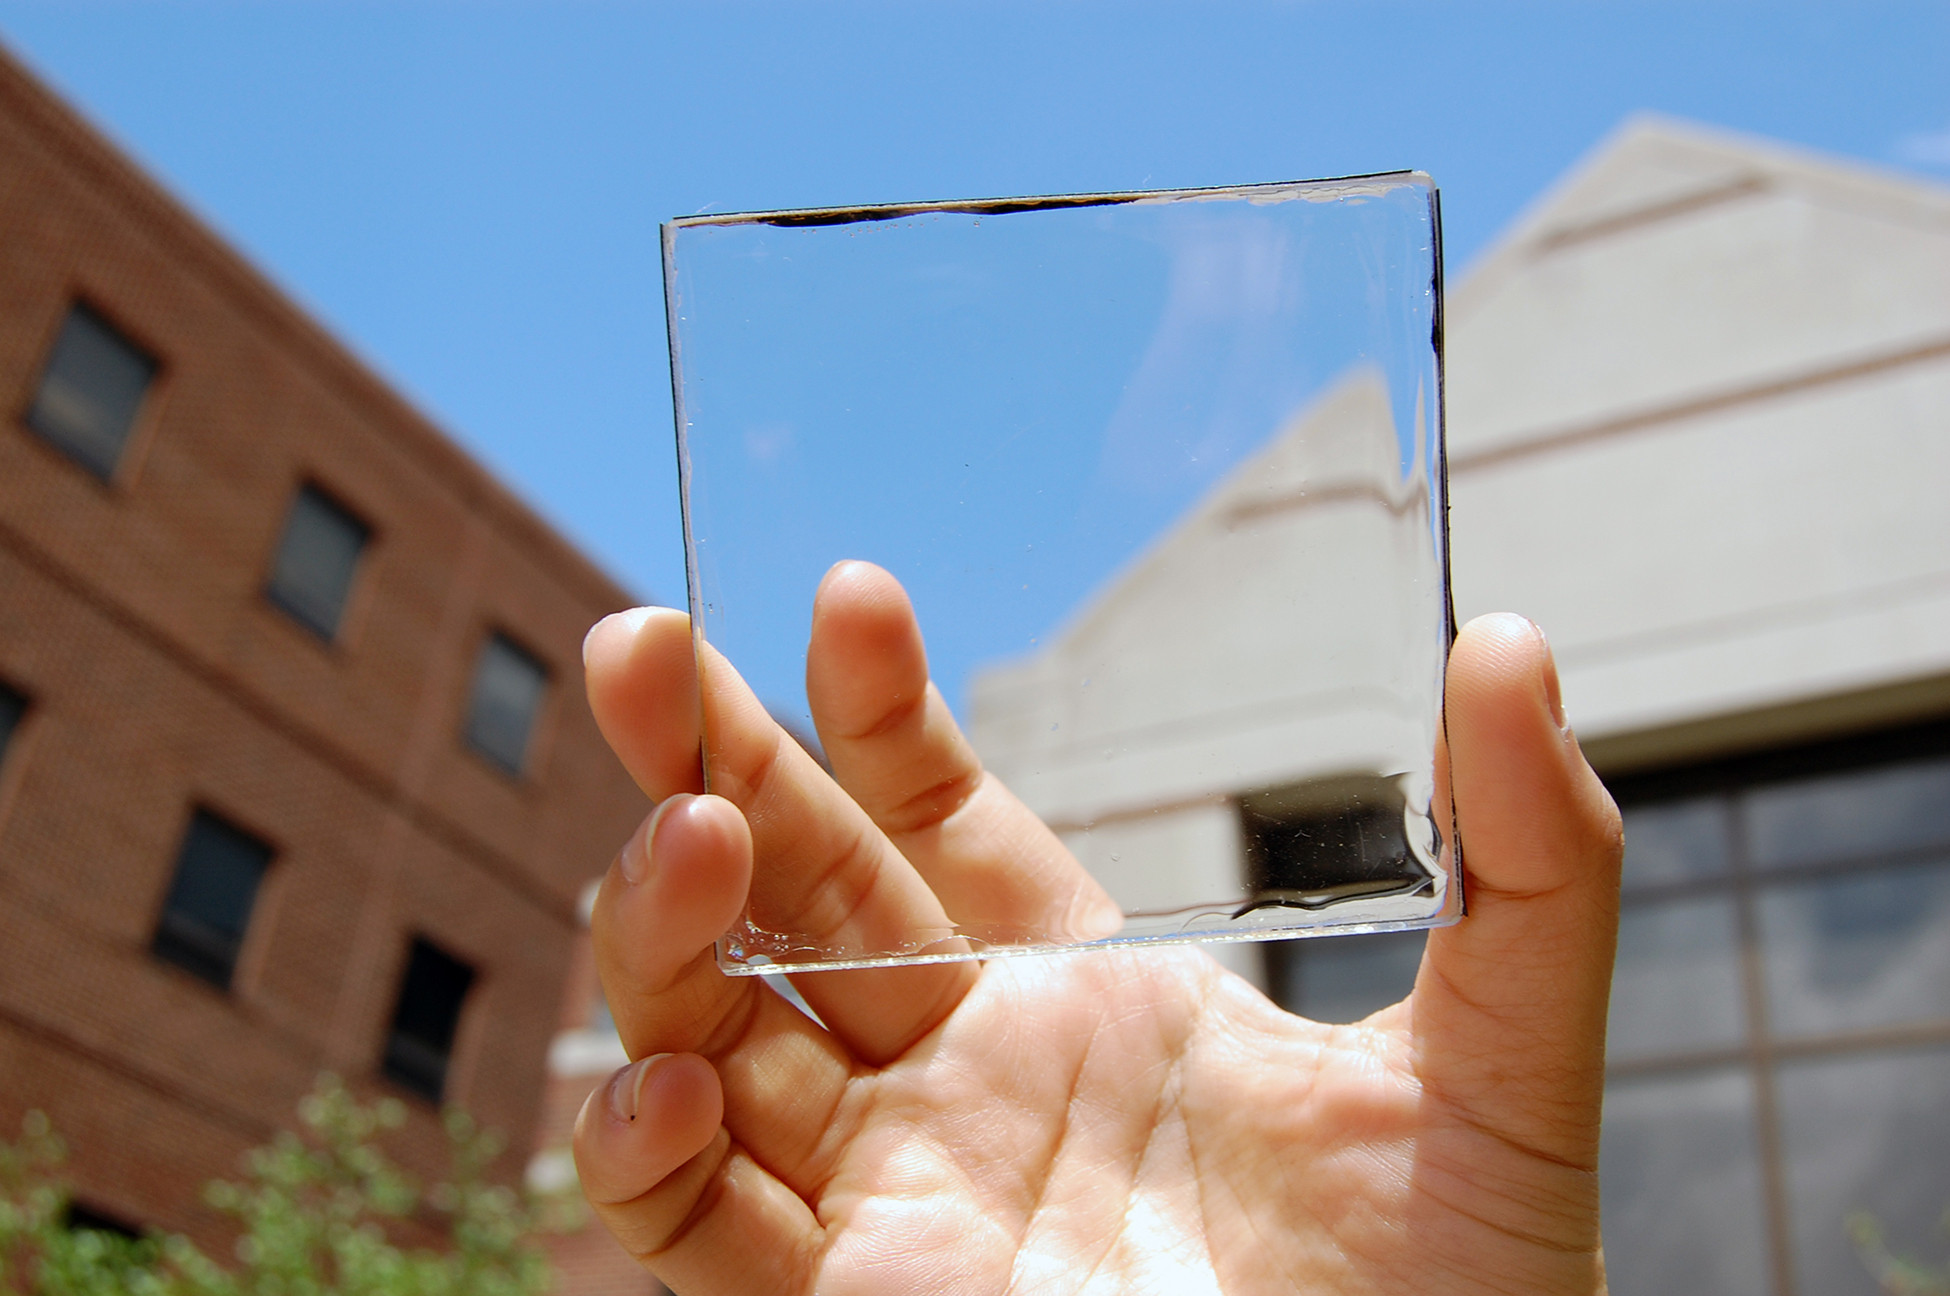 Sistemas de captación solar invisibles, se vuelven una realidad., Energía solar con una vista: estudiante de doctorado en MSU Yimu Zhao, sostiene un módulo transparente concentrador de luz solar. Imágen © Yimu Zhao